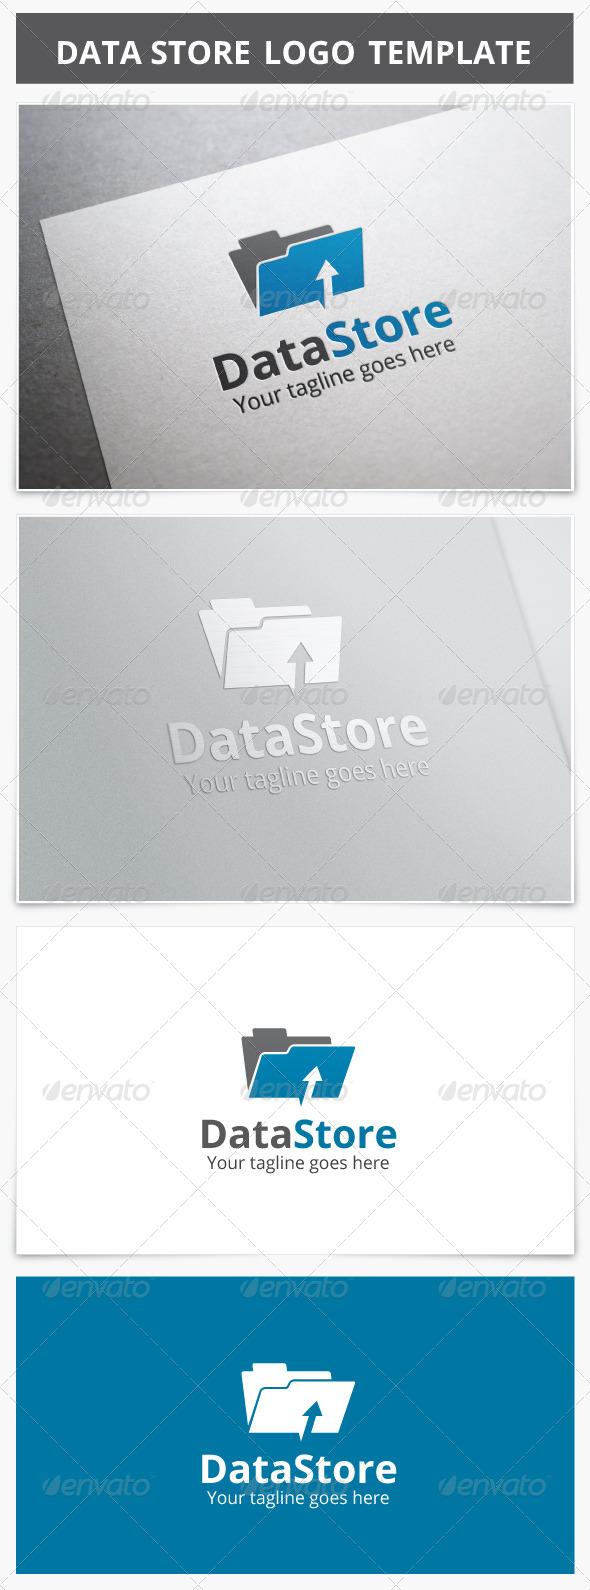 GraphicRiver Data Store Logo 7499216